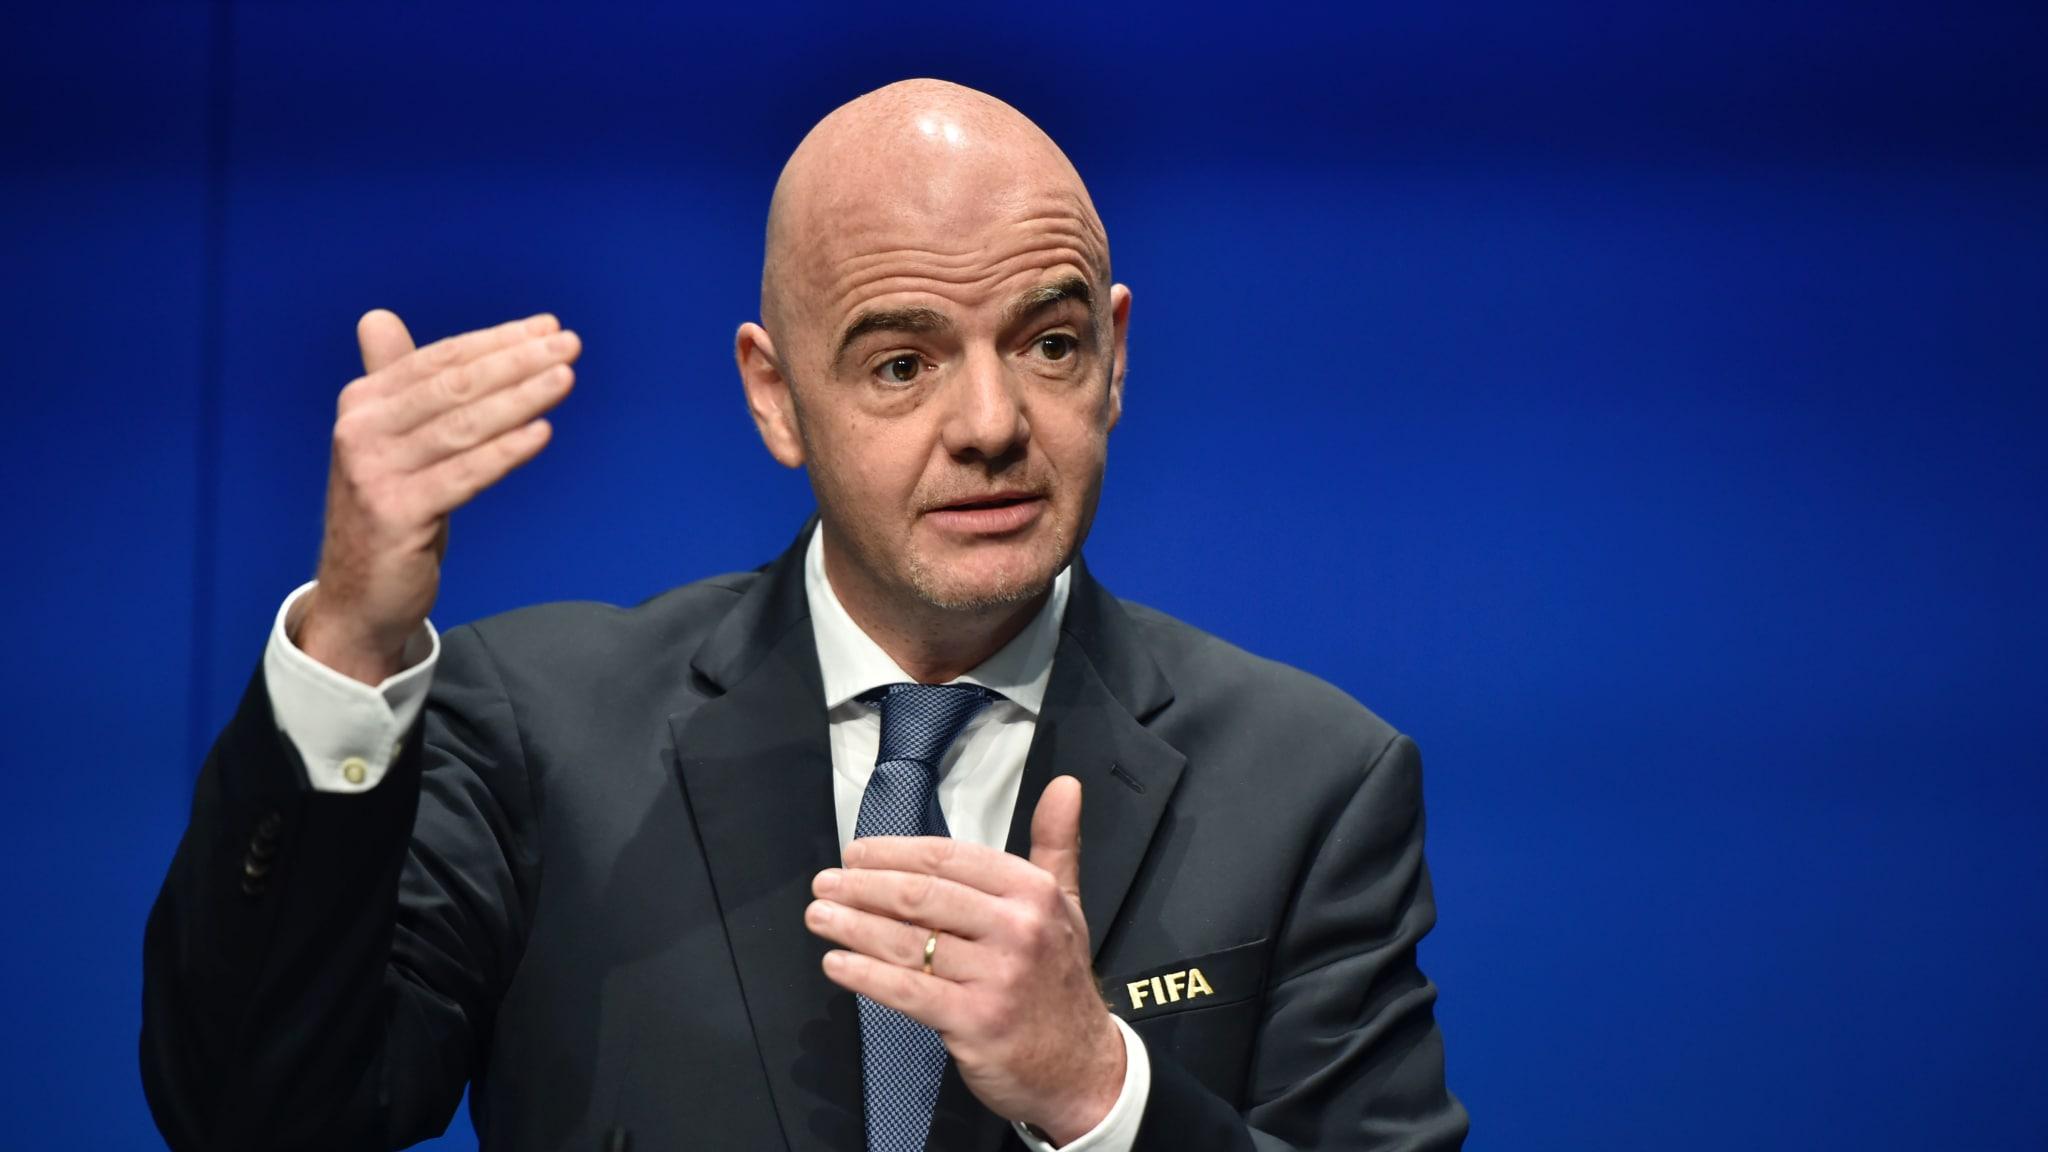 VIDEO/ Mesazh i qartë nga FIFA, Giann Infantino përshëndet Asamblenë Vjetore të FSHF-ës!